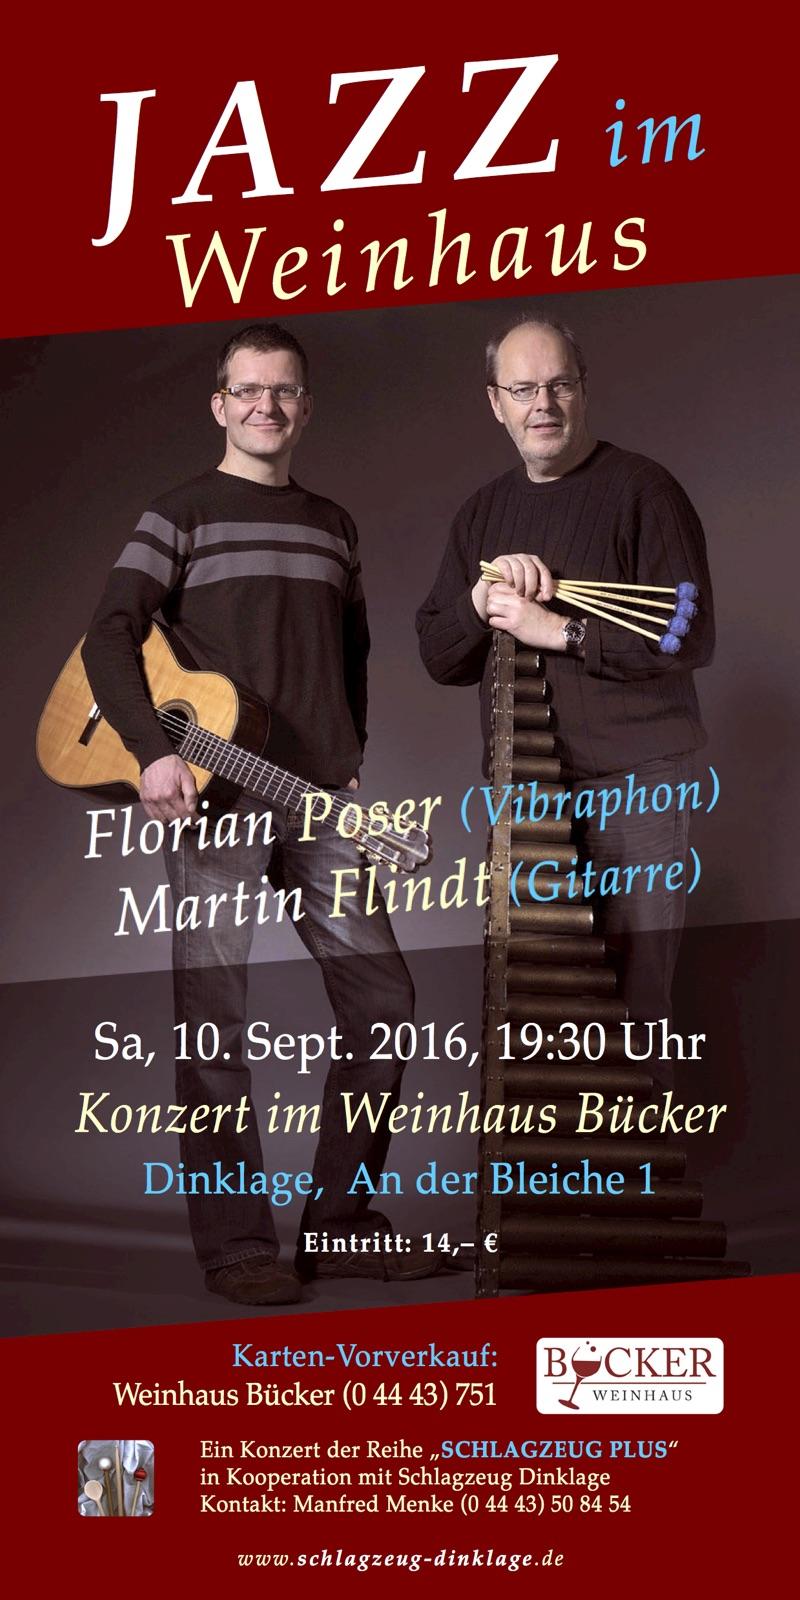 Flyer // JAZZ im Weinhaus // Martin Flindt (Gitarre) und Florian Poser (Vibraphon)